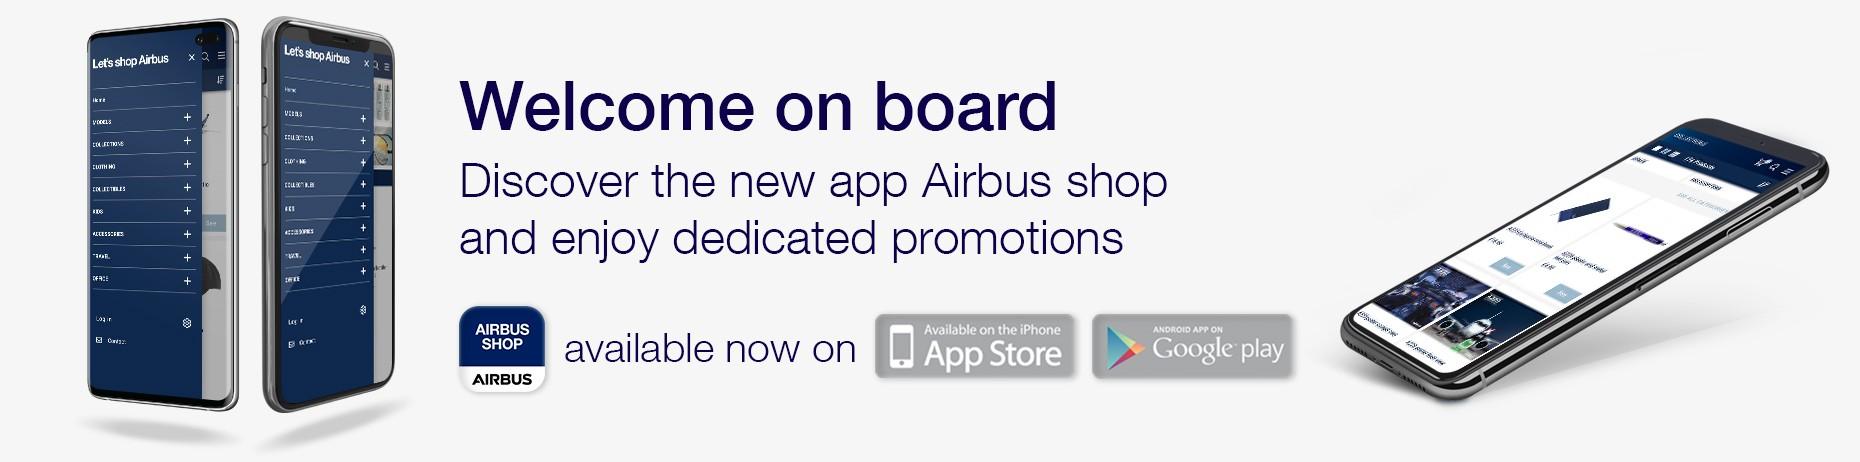 Mobile App. AIRBUS SHOP